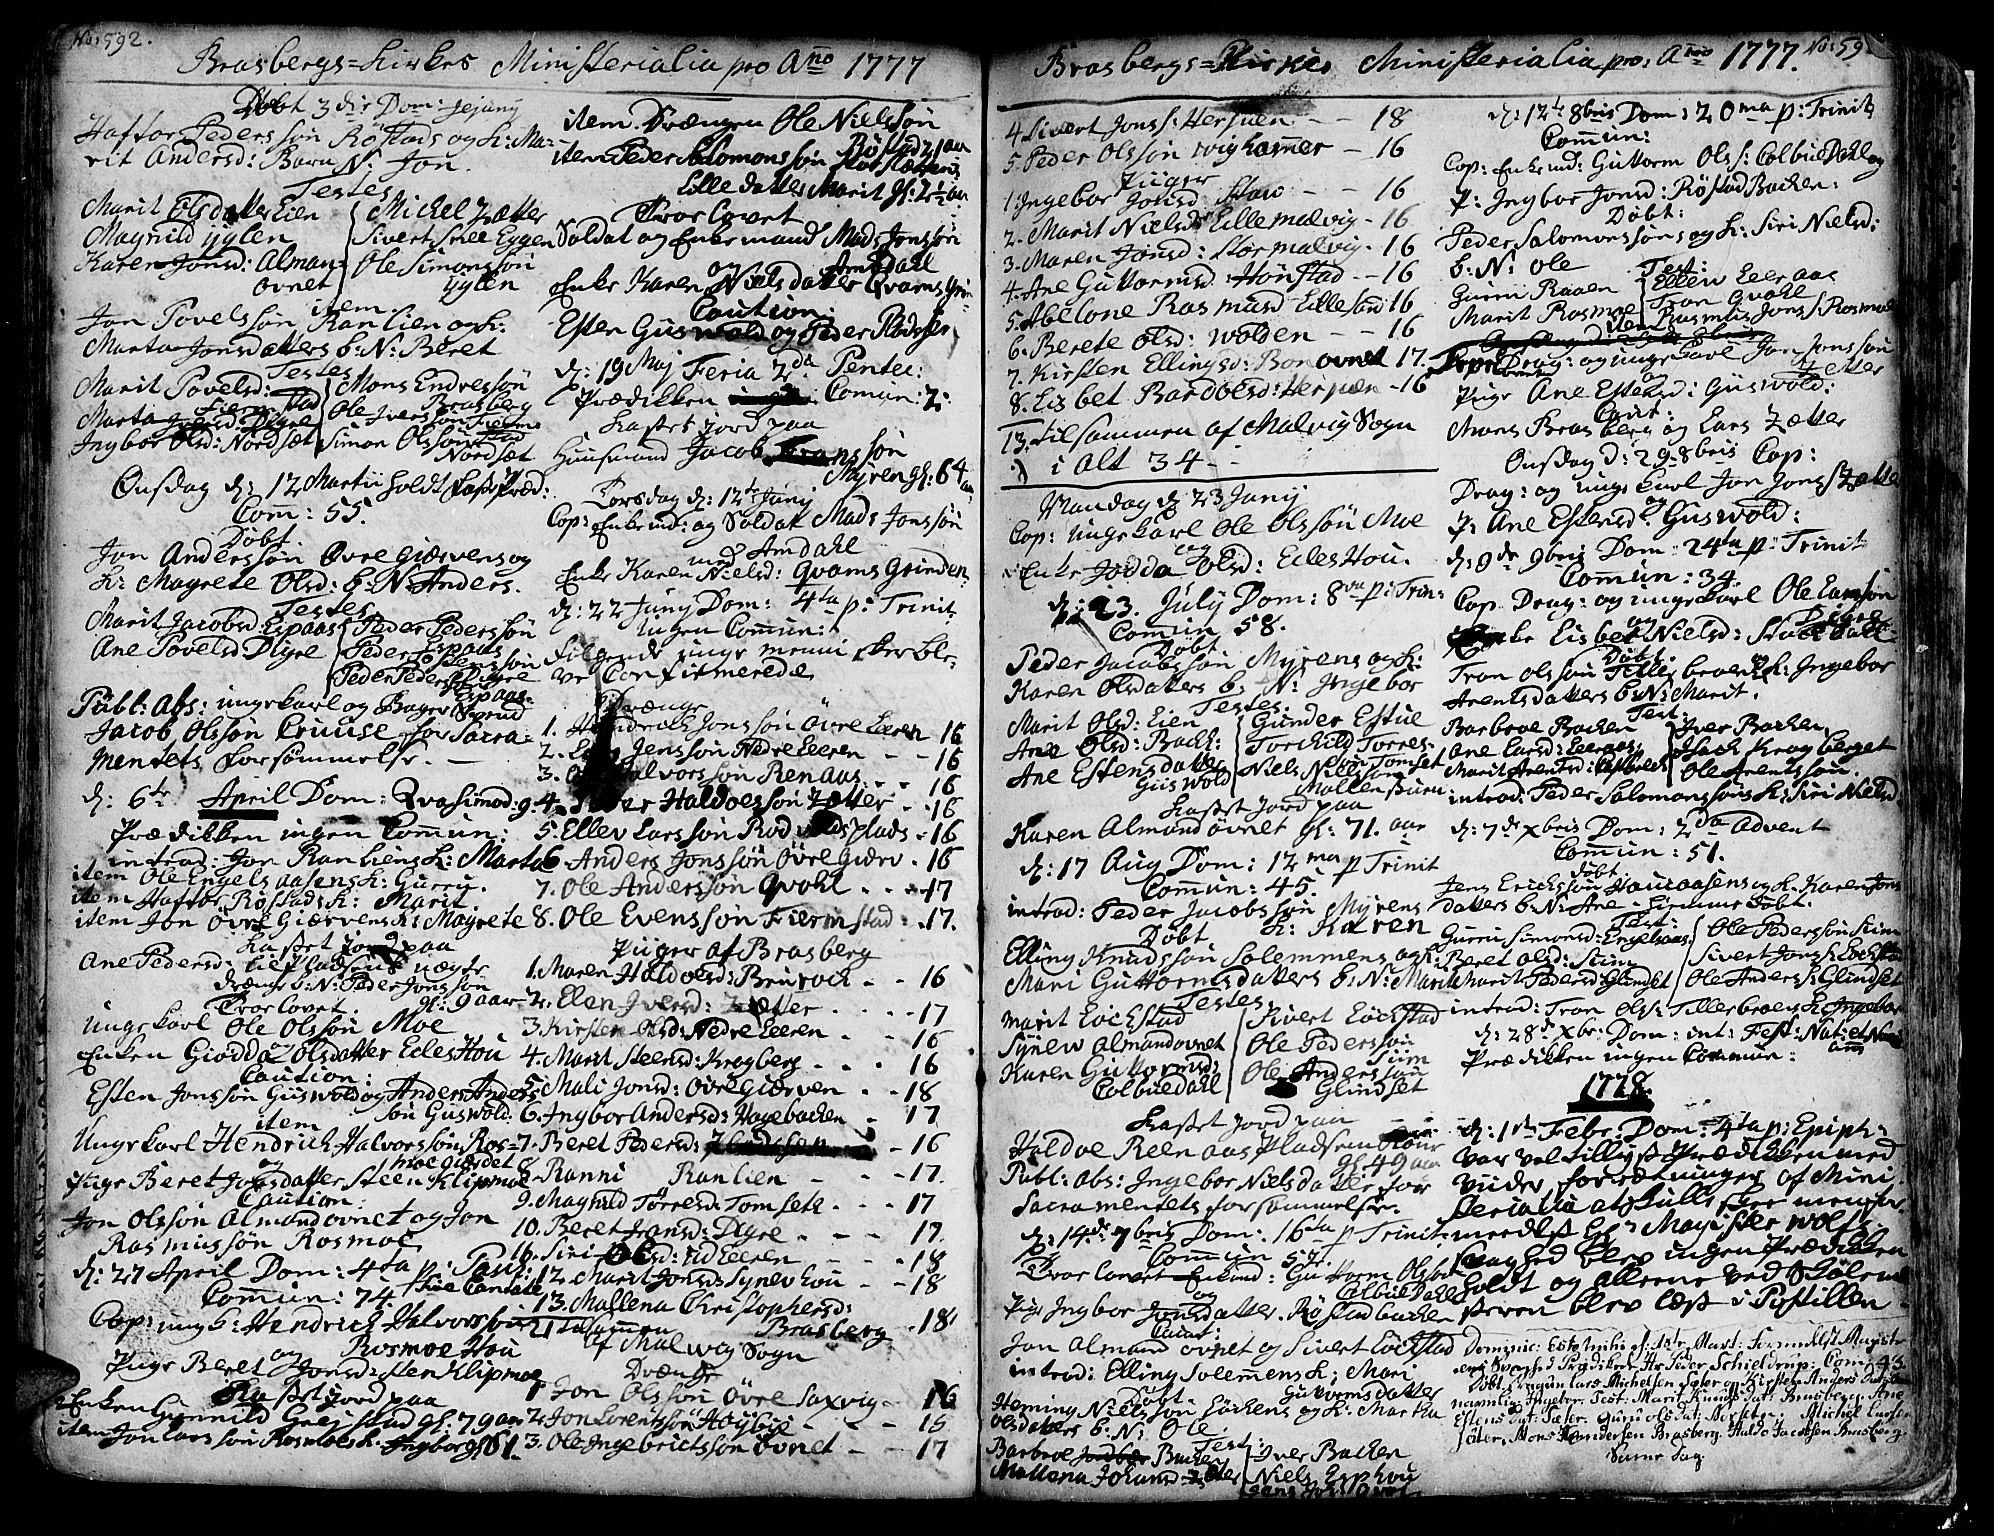 SAT, Ministerialprotokoller, klokkerbøker og fødselsregistre - Sør-Trøndelag, 606/L0278: Ministerialbok nr. 606A01 /4, 1727-1780, s. 592-593